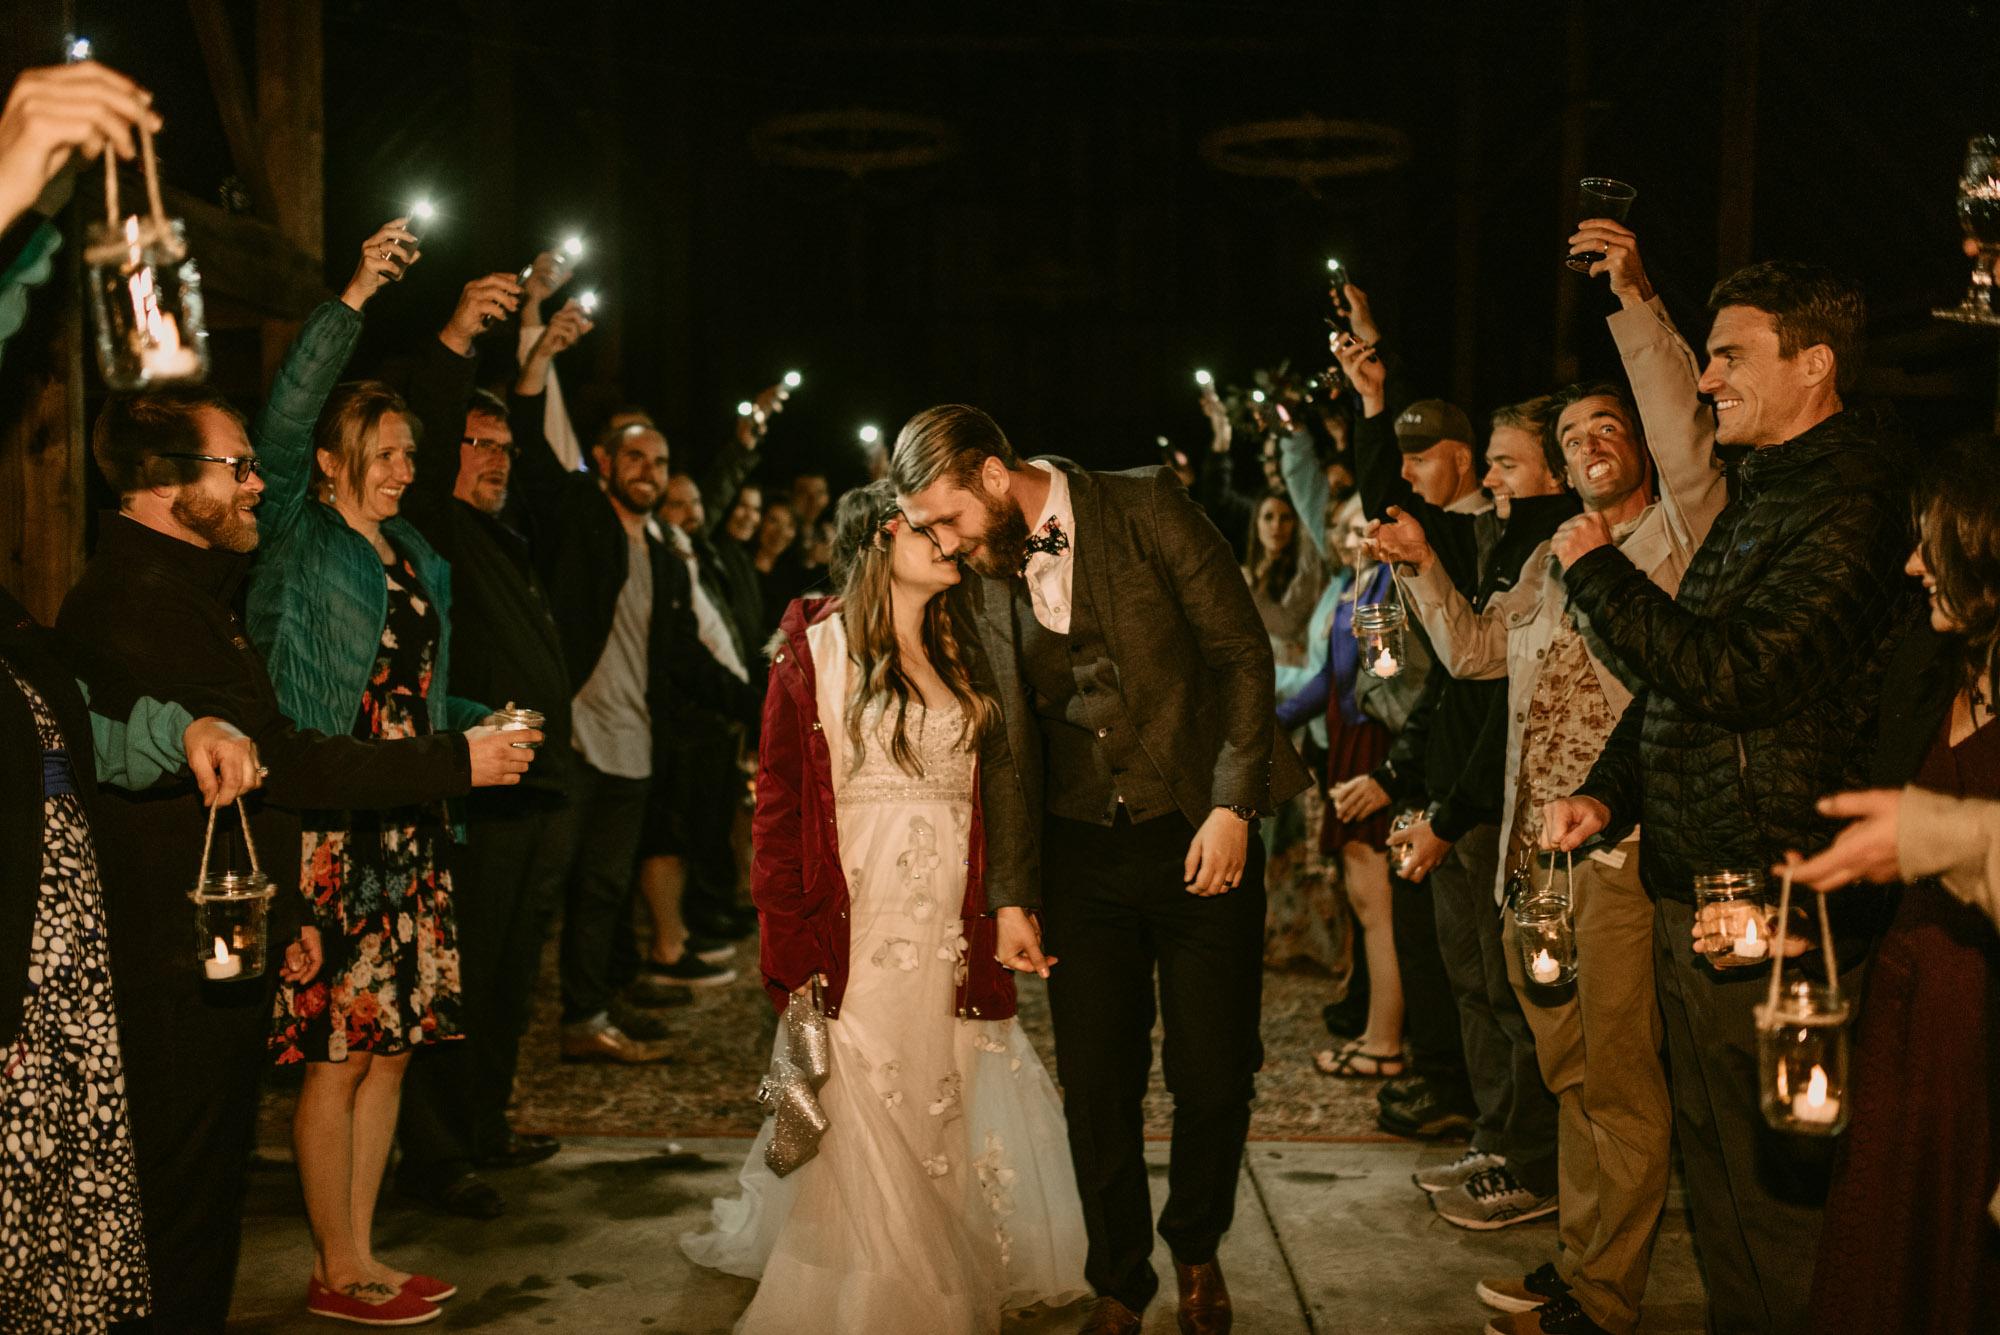 Indoor-Barn-Ceremony-Dancing-Washington-0173.jpg